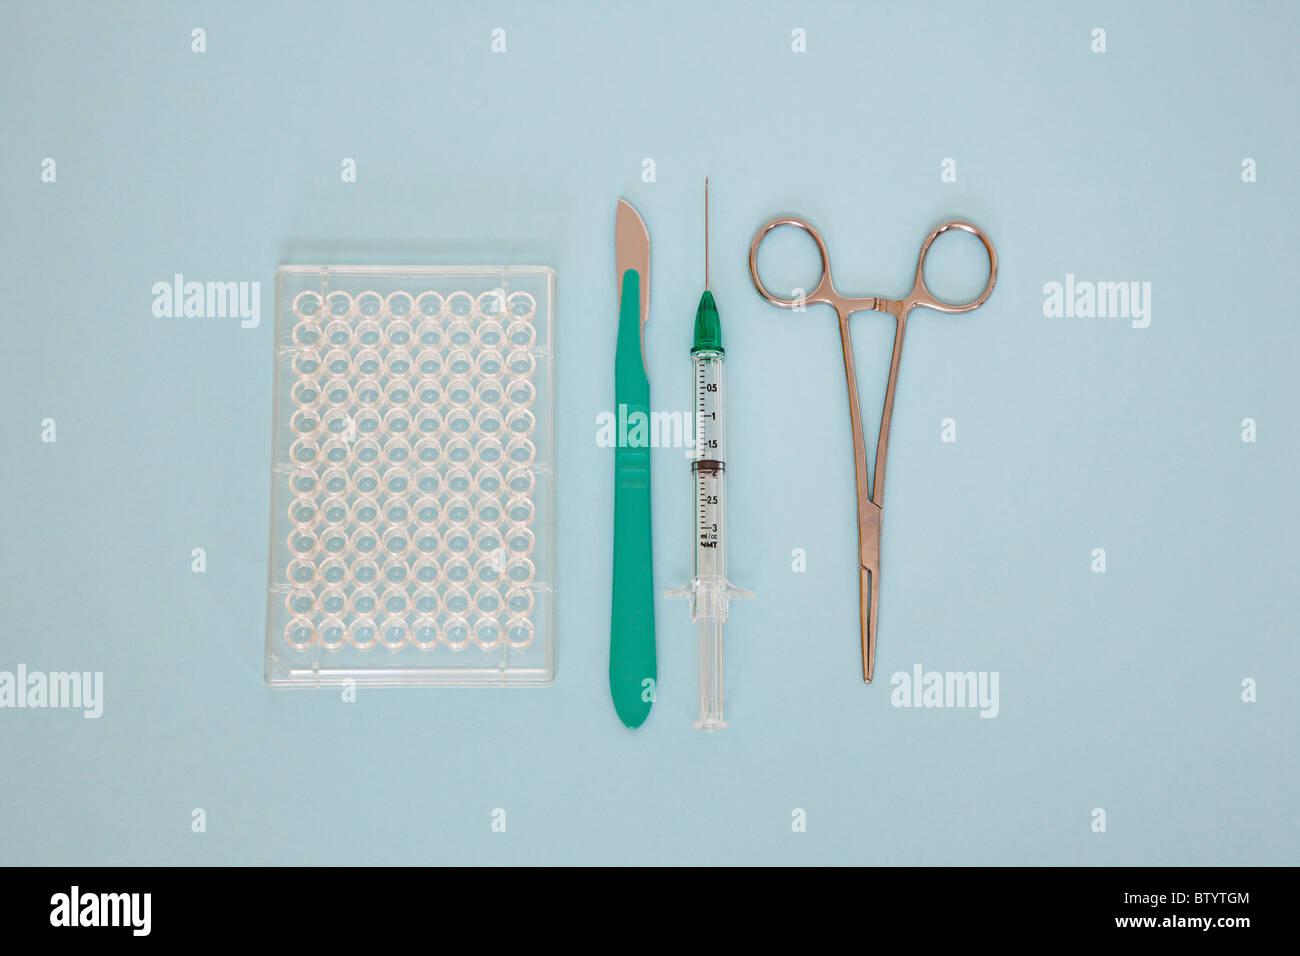 medizinische Forschungswerkzeuge Stockbild